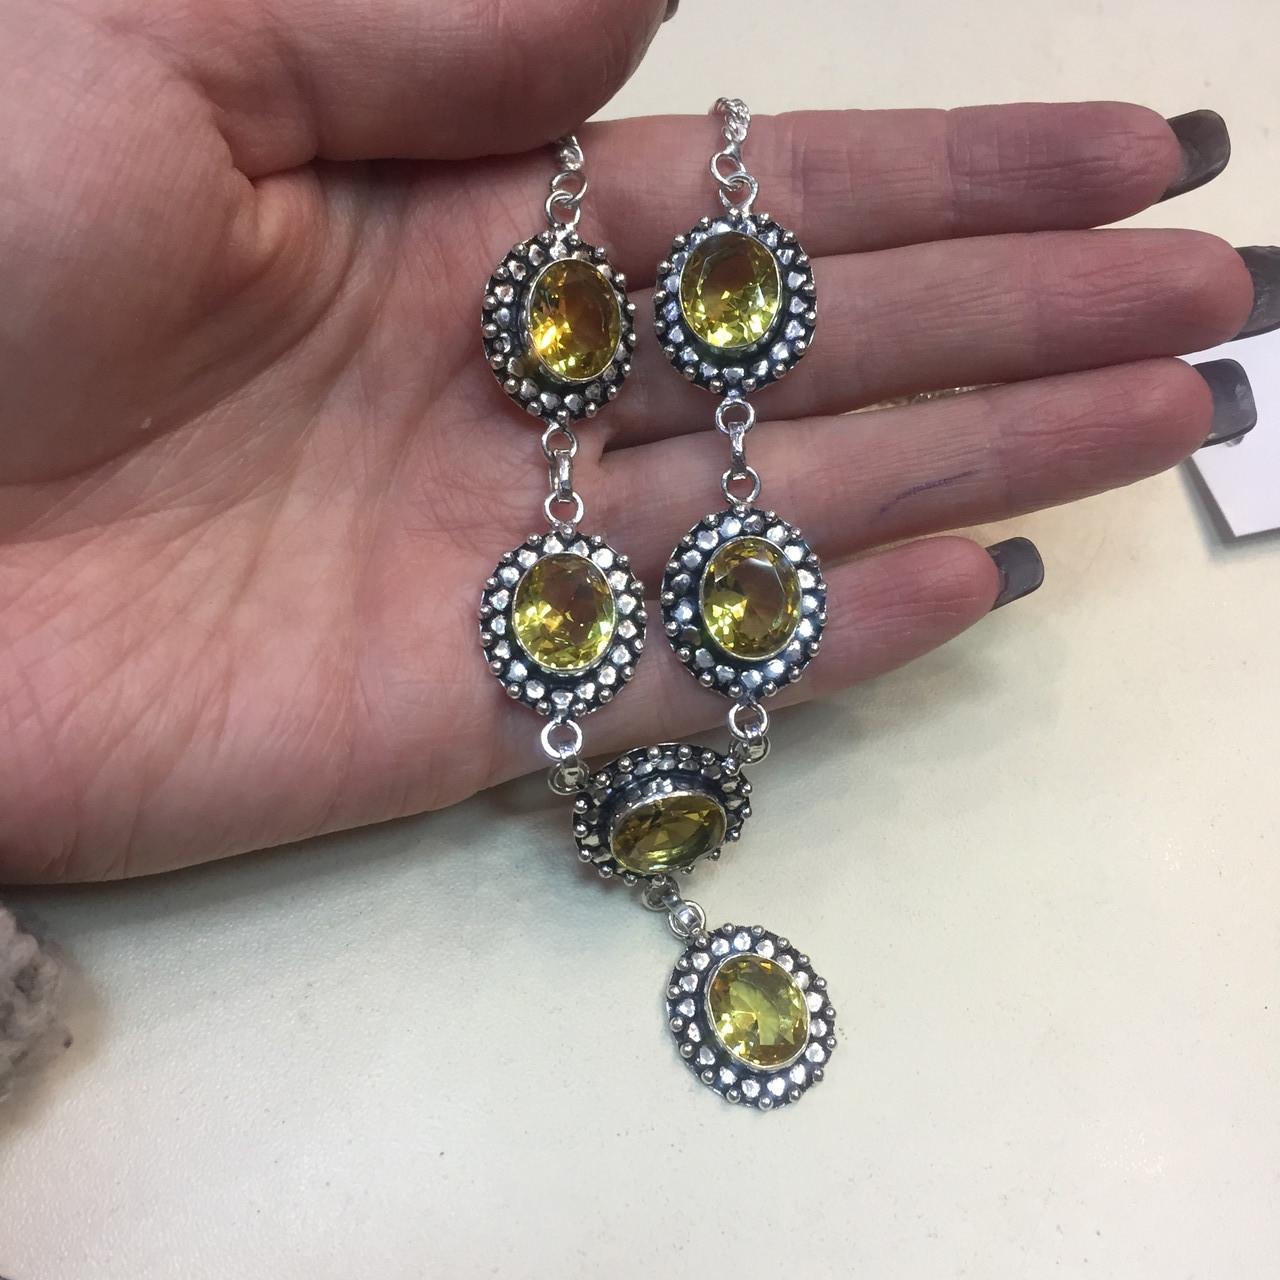 Цитрин ожерелье колье с камнем цитрин в серебре Индия